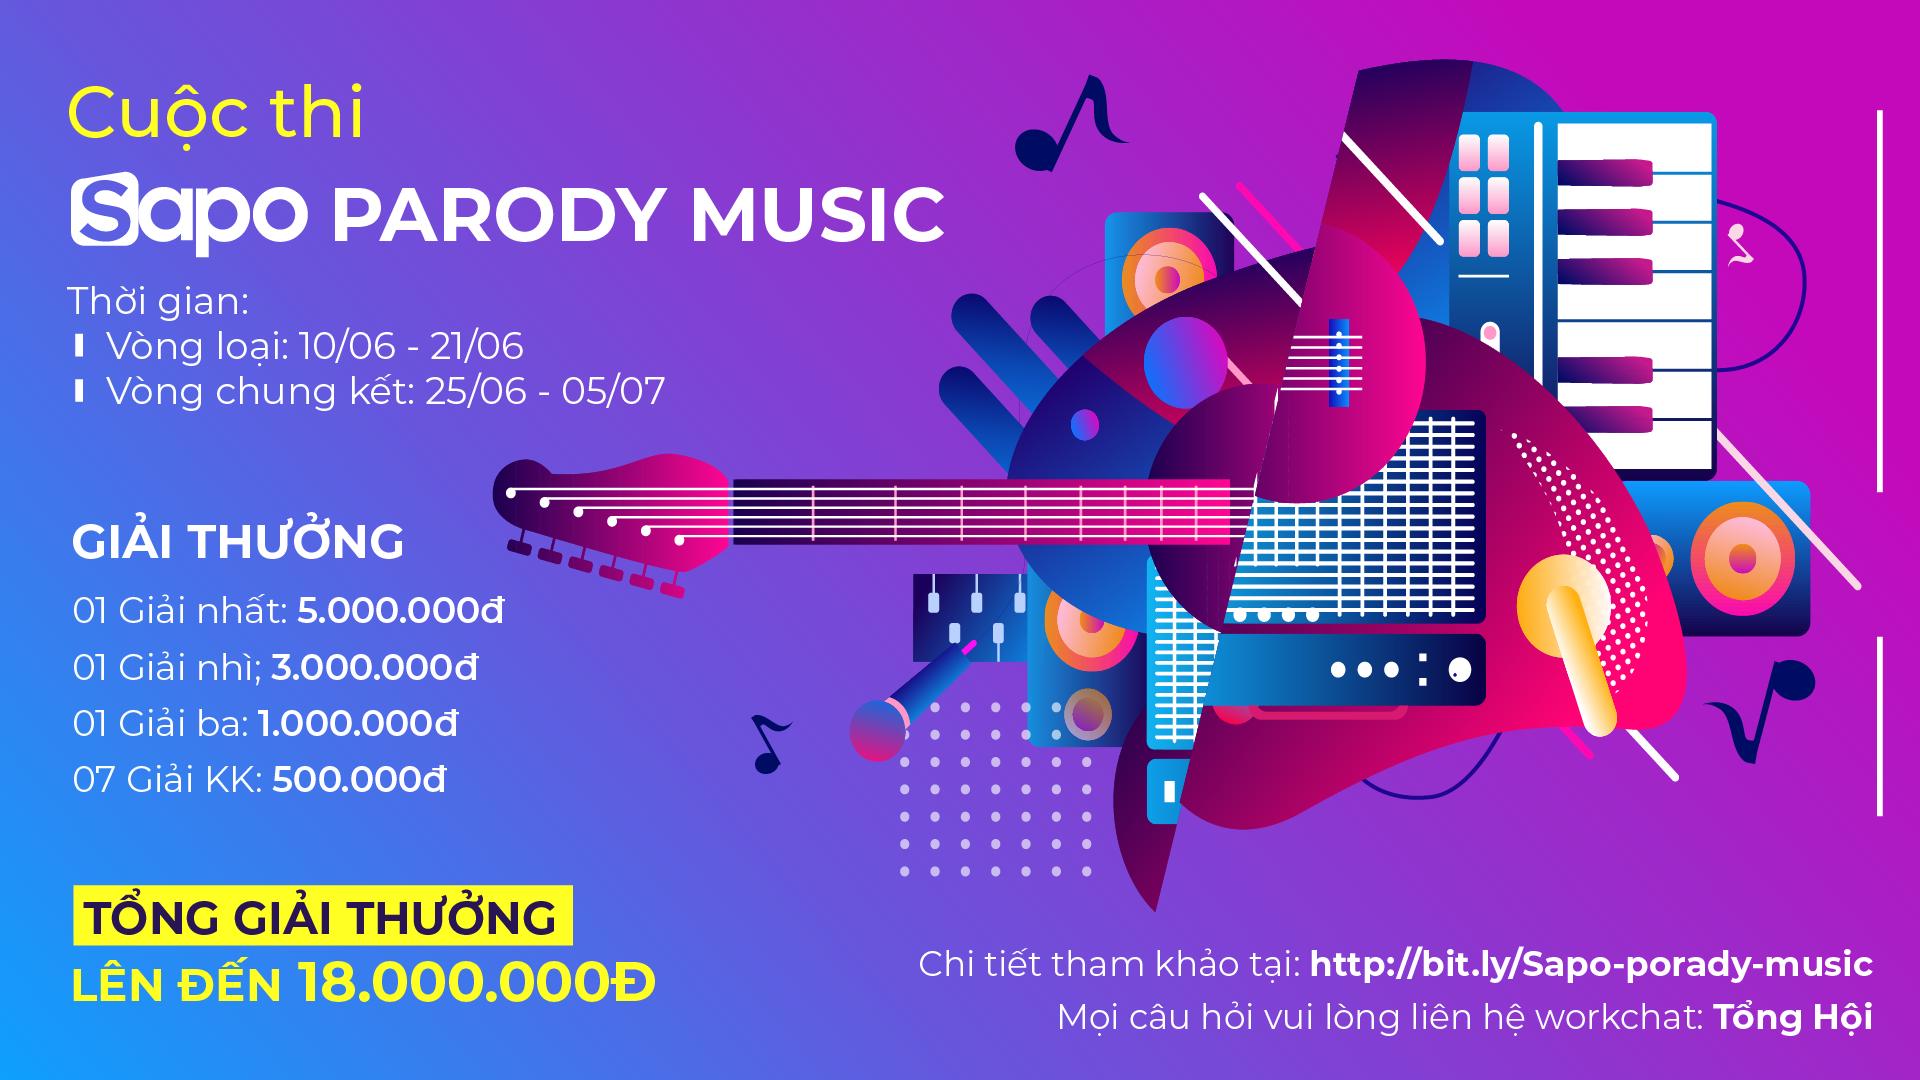 Siêu hot cùng cuộc thi: SAPO PARODY MUSIC